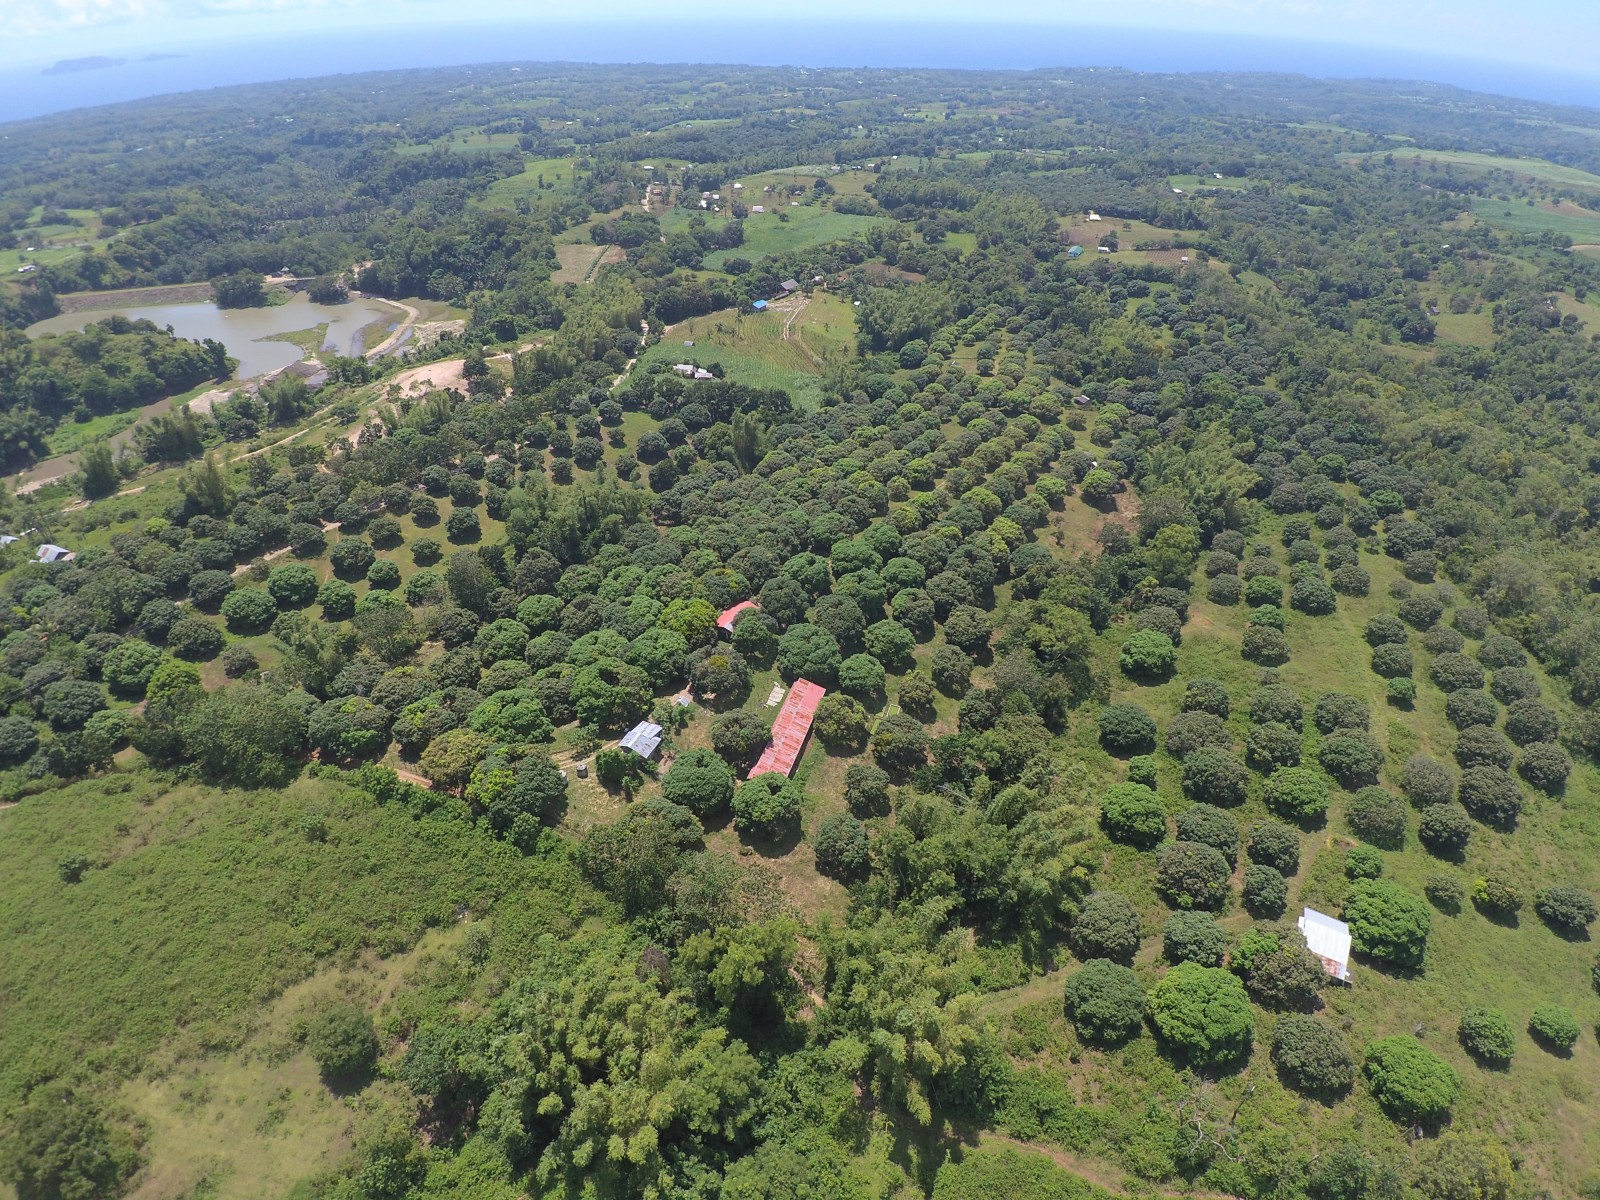 Farm For Sale in Zamboanguita